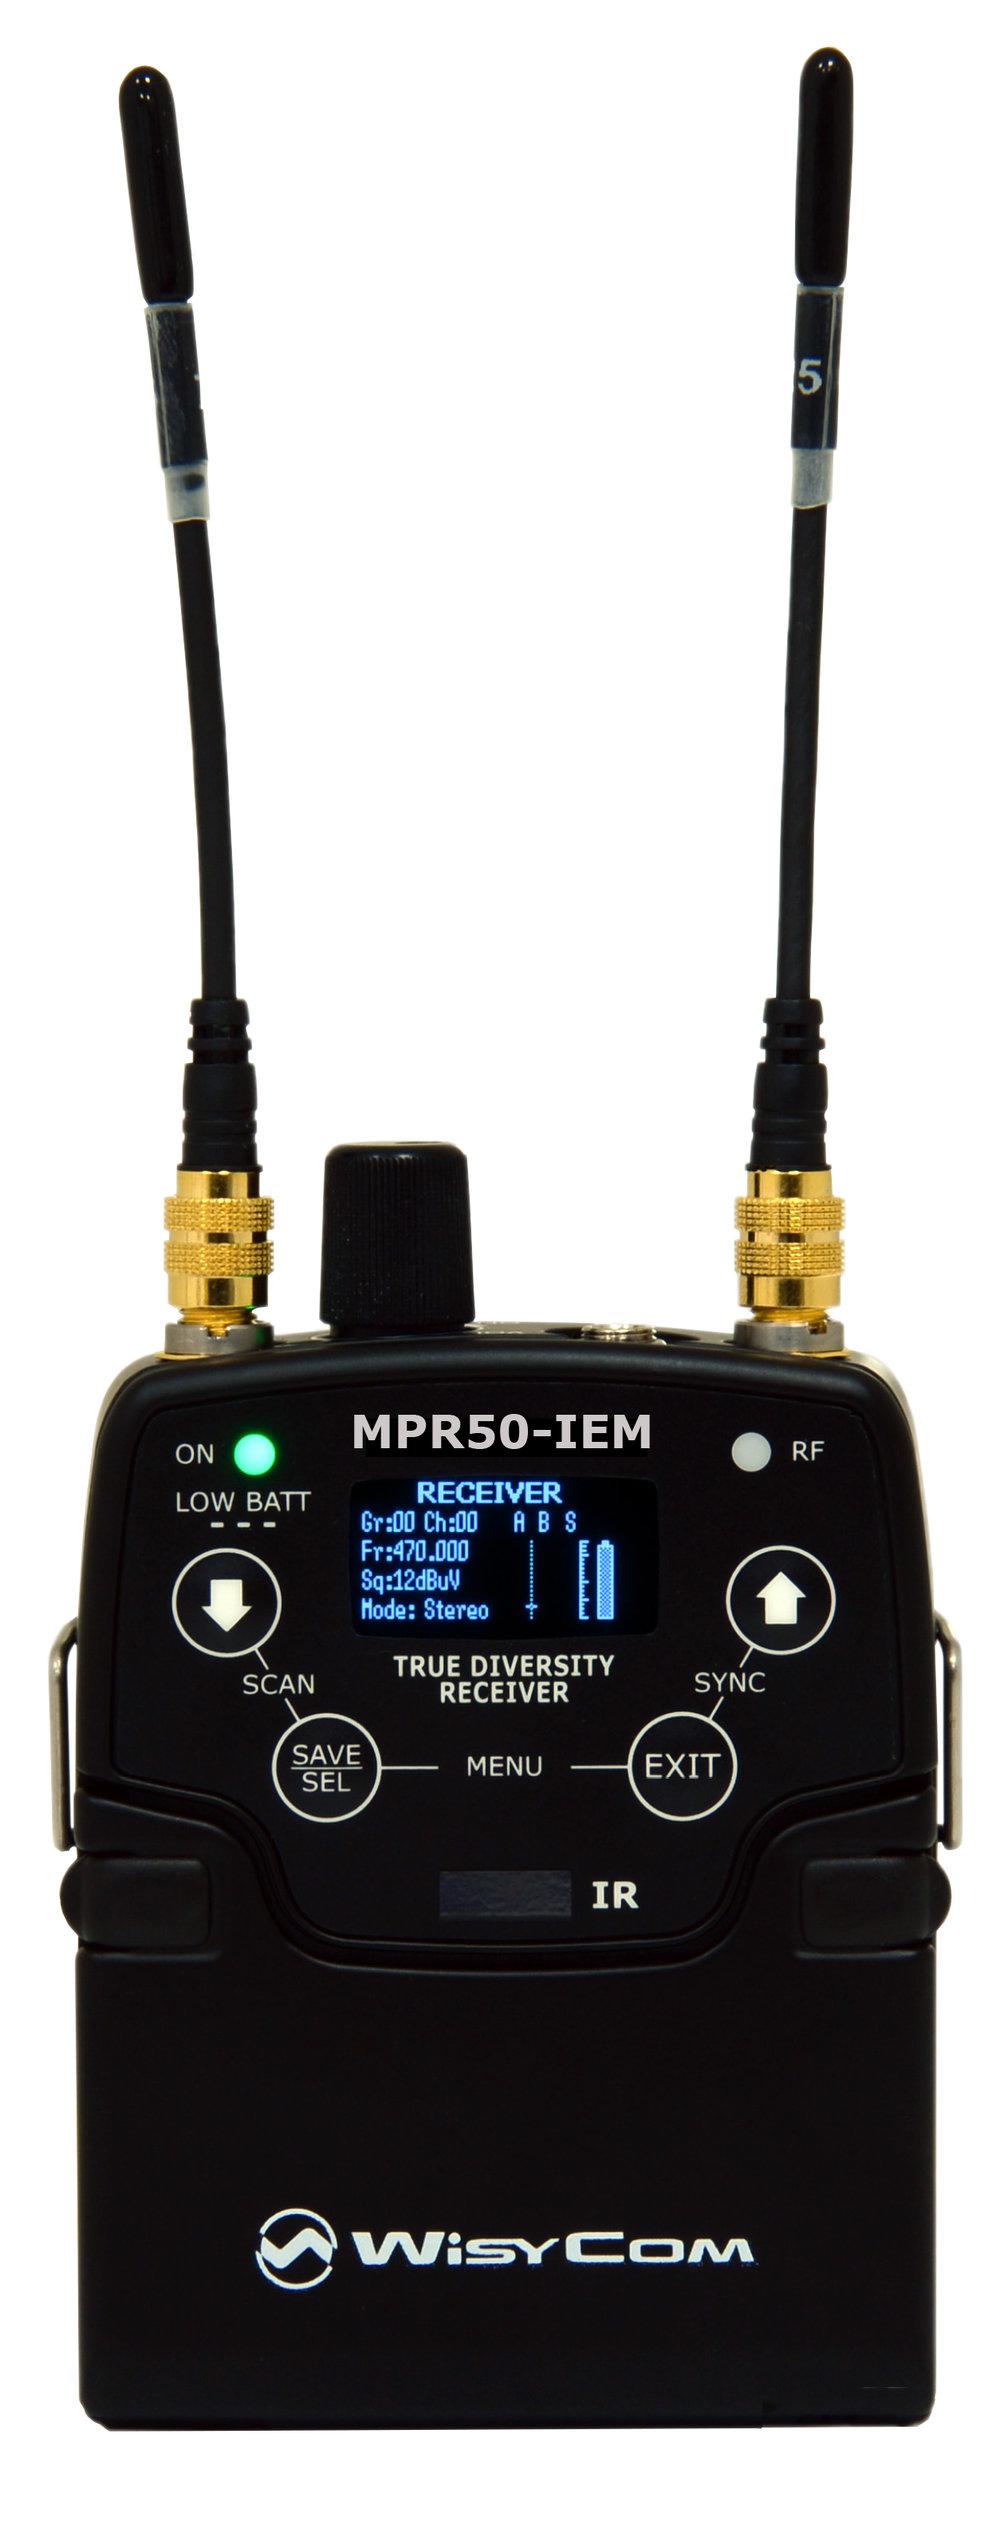 Wisycom MPR 50 IEM.